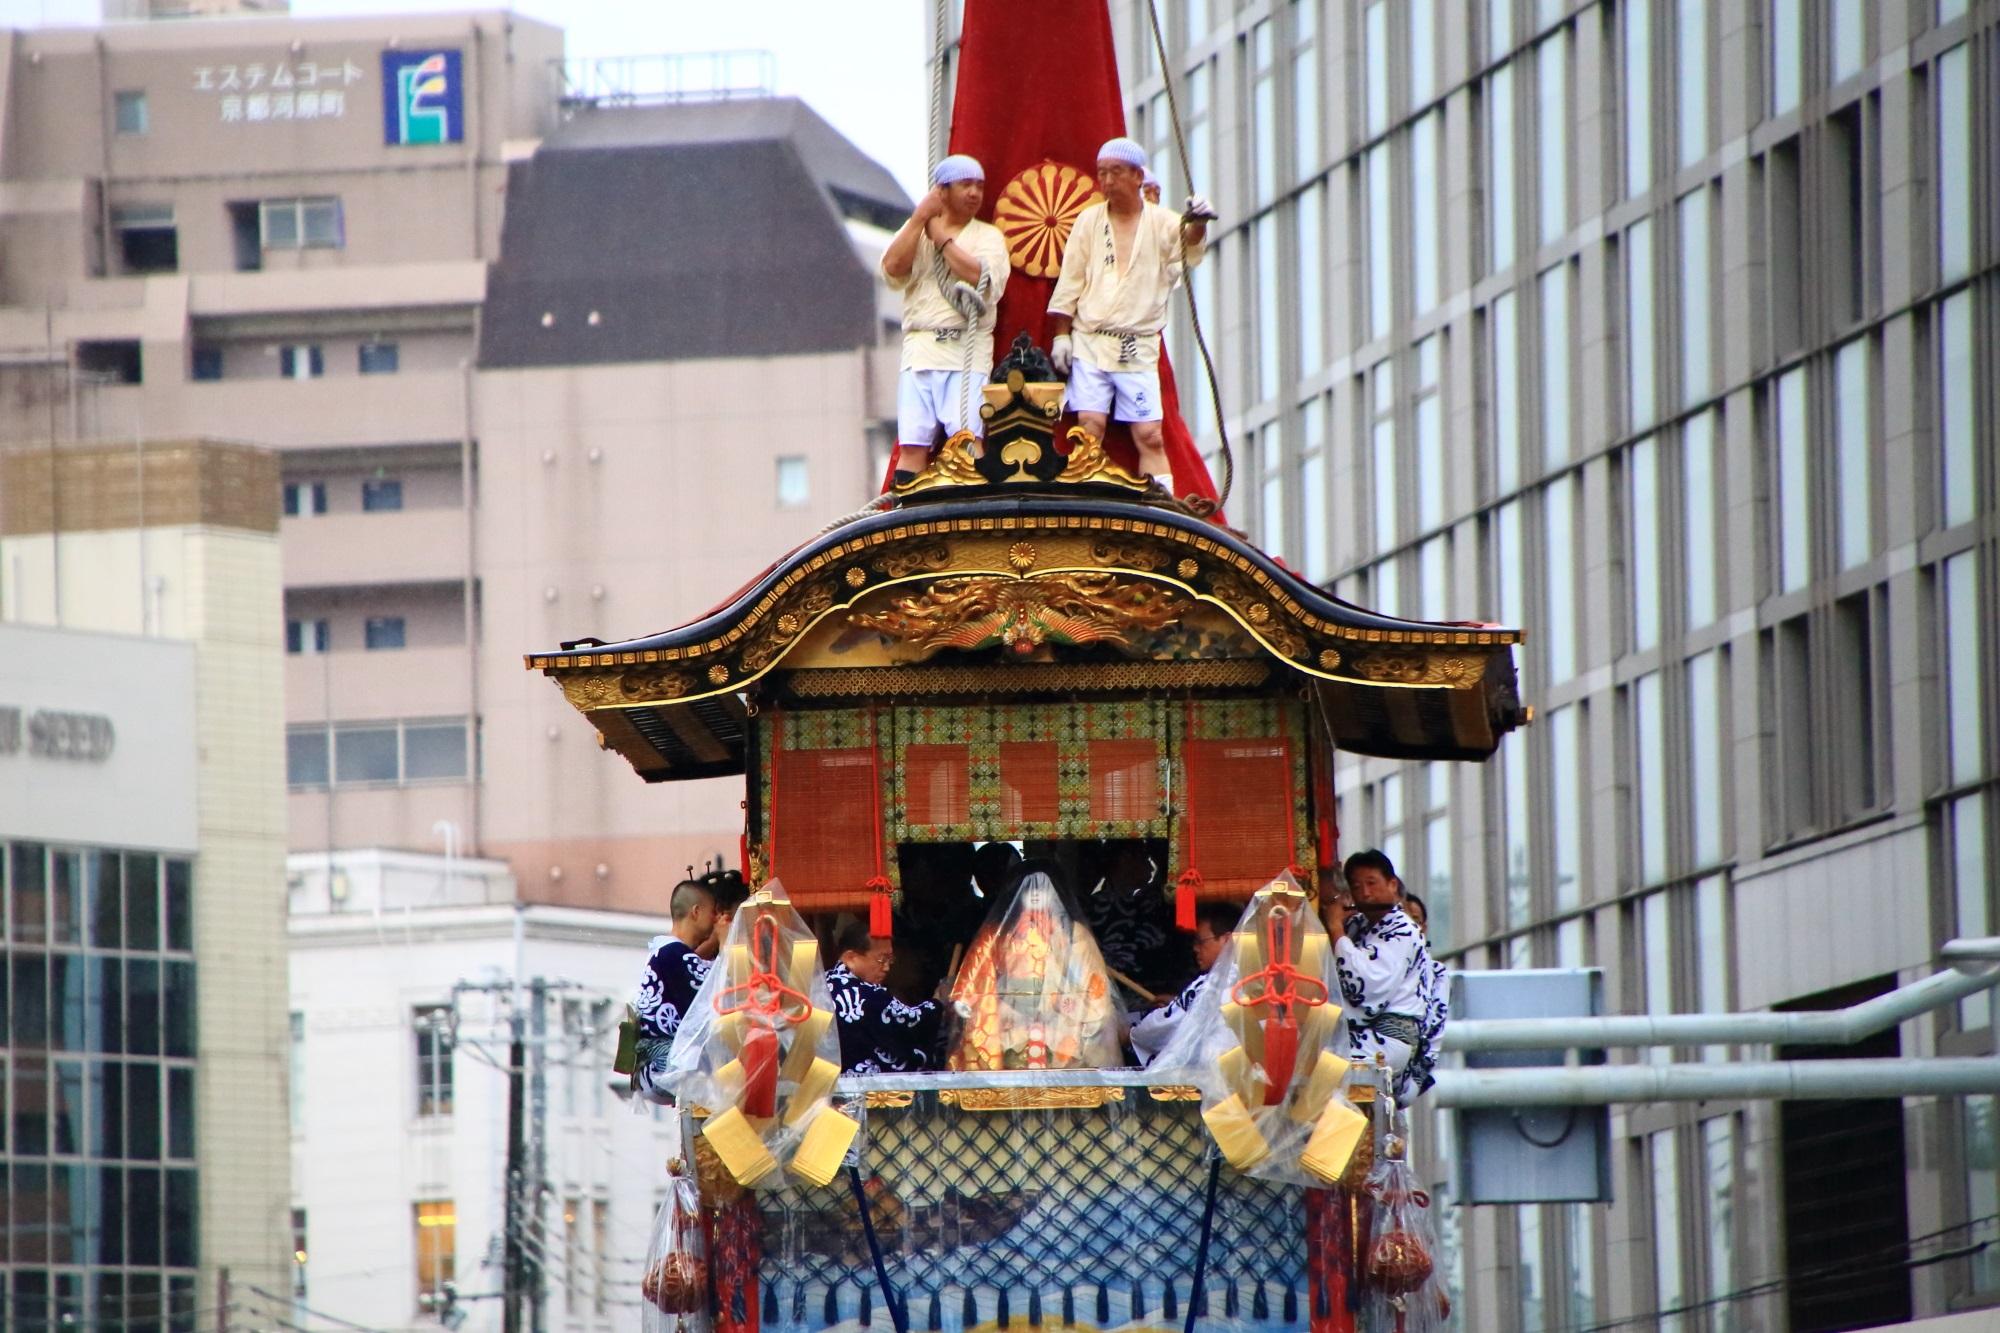 京都祇園祭の山鉾巡行の菊水鉾